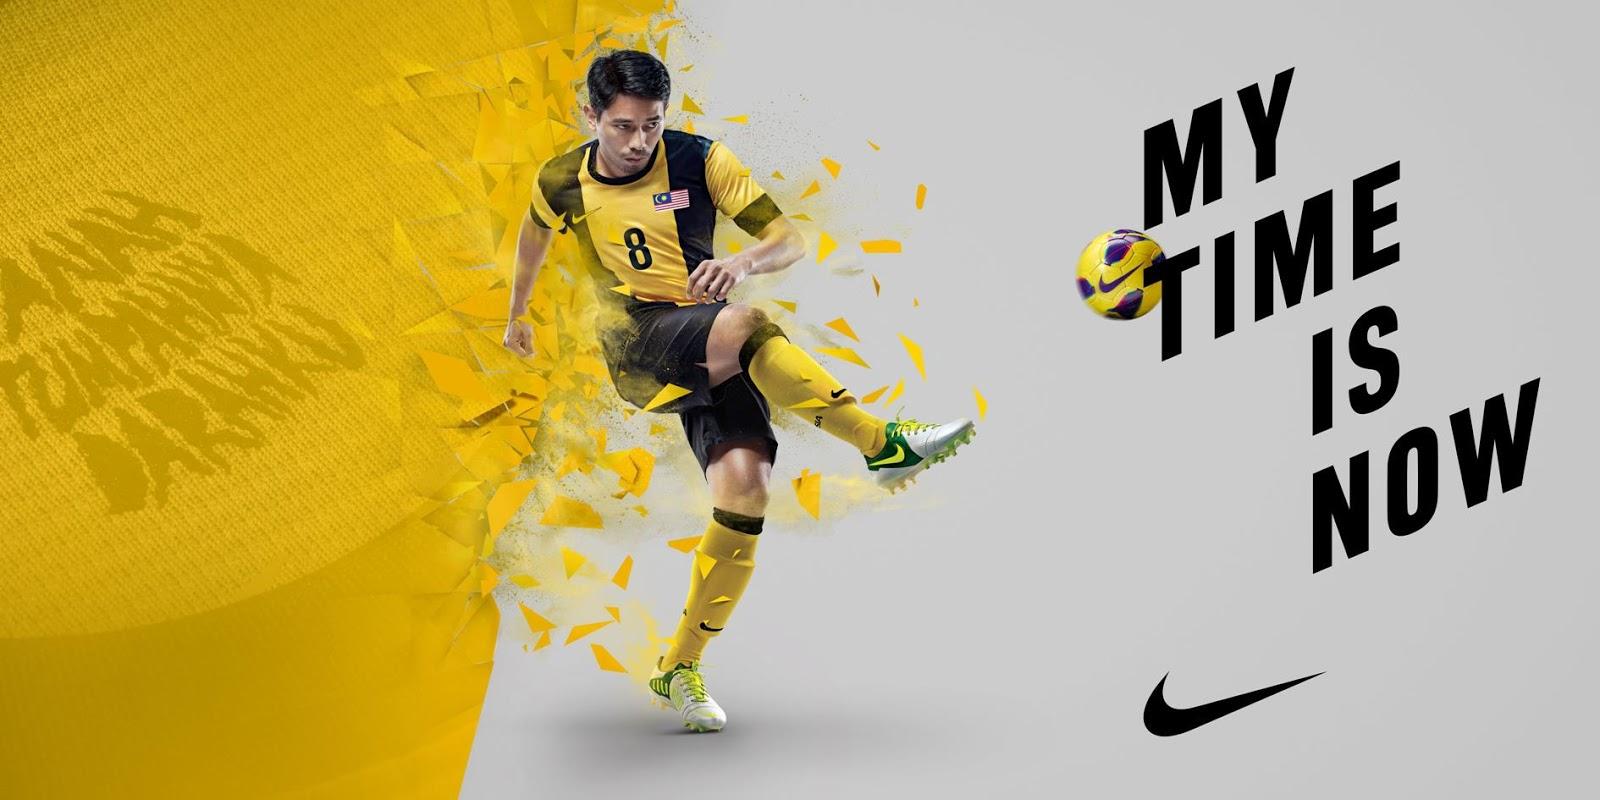 http://2.bp.blogspot.com/-P9B_Ygrj3TY/UMUz70LOXJI/AAAAAAAACvY/9TaGQzRZdE4/s1600/Nike+Malaysia+Safiq+Rahim.jpg